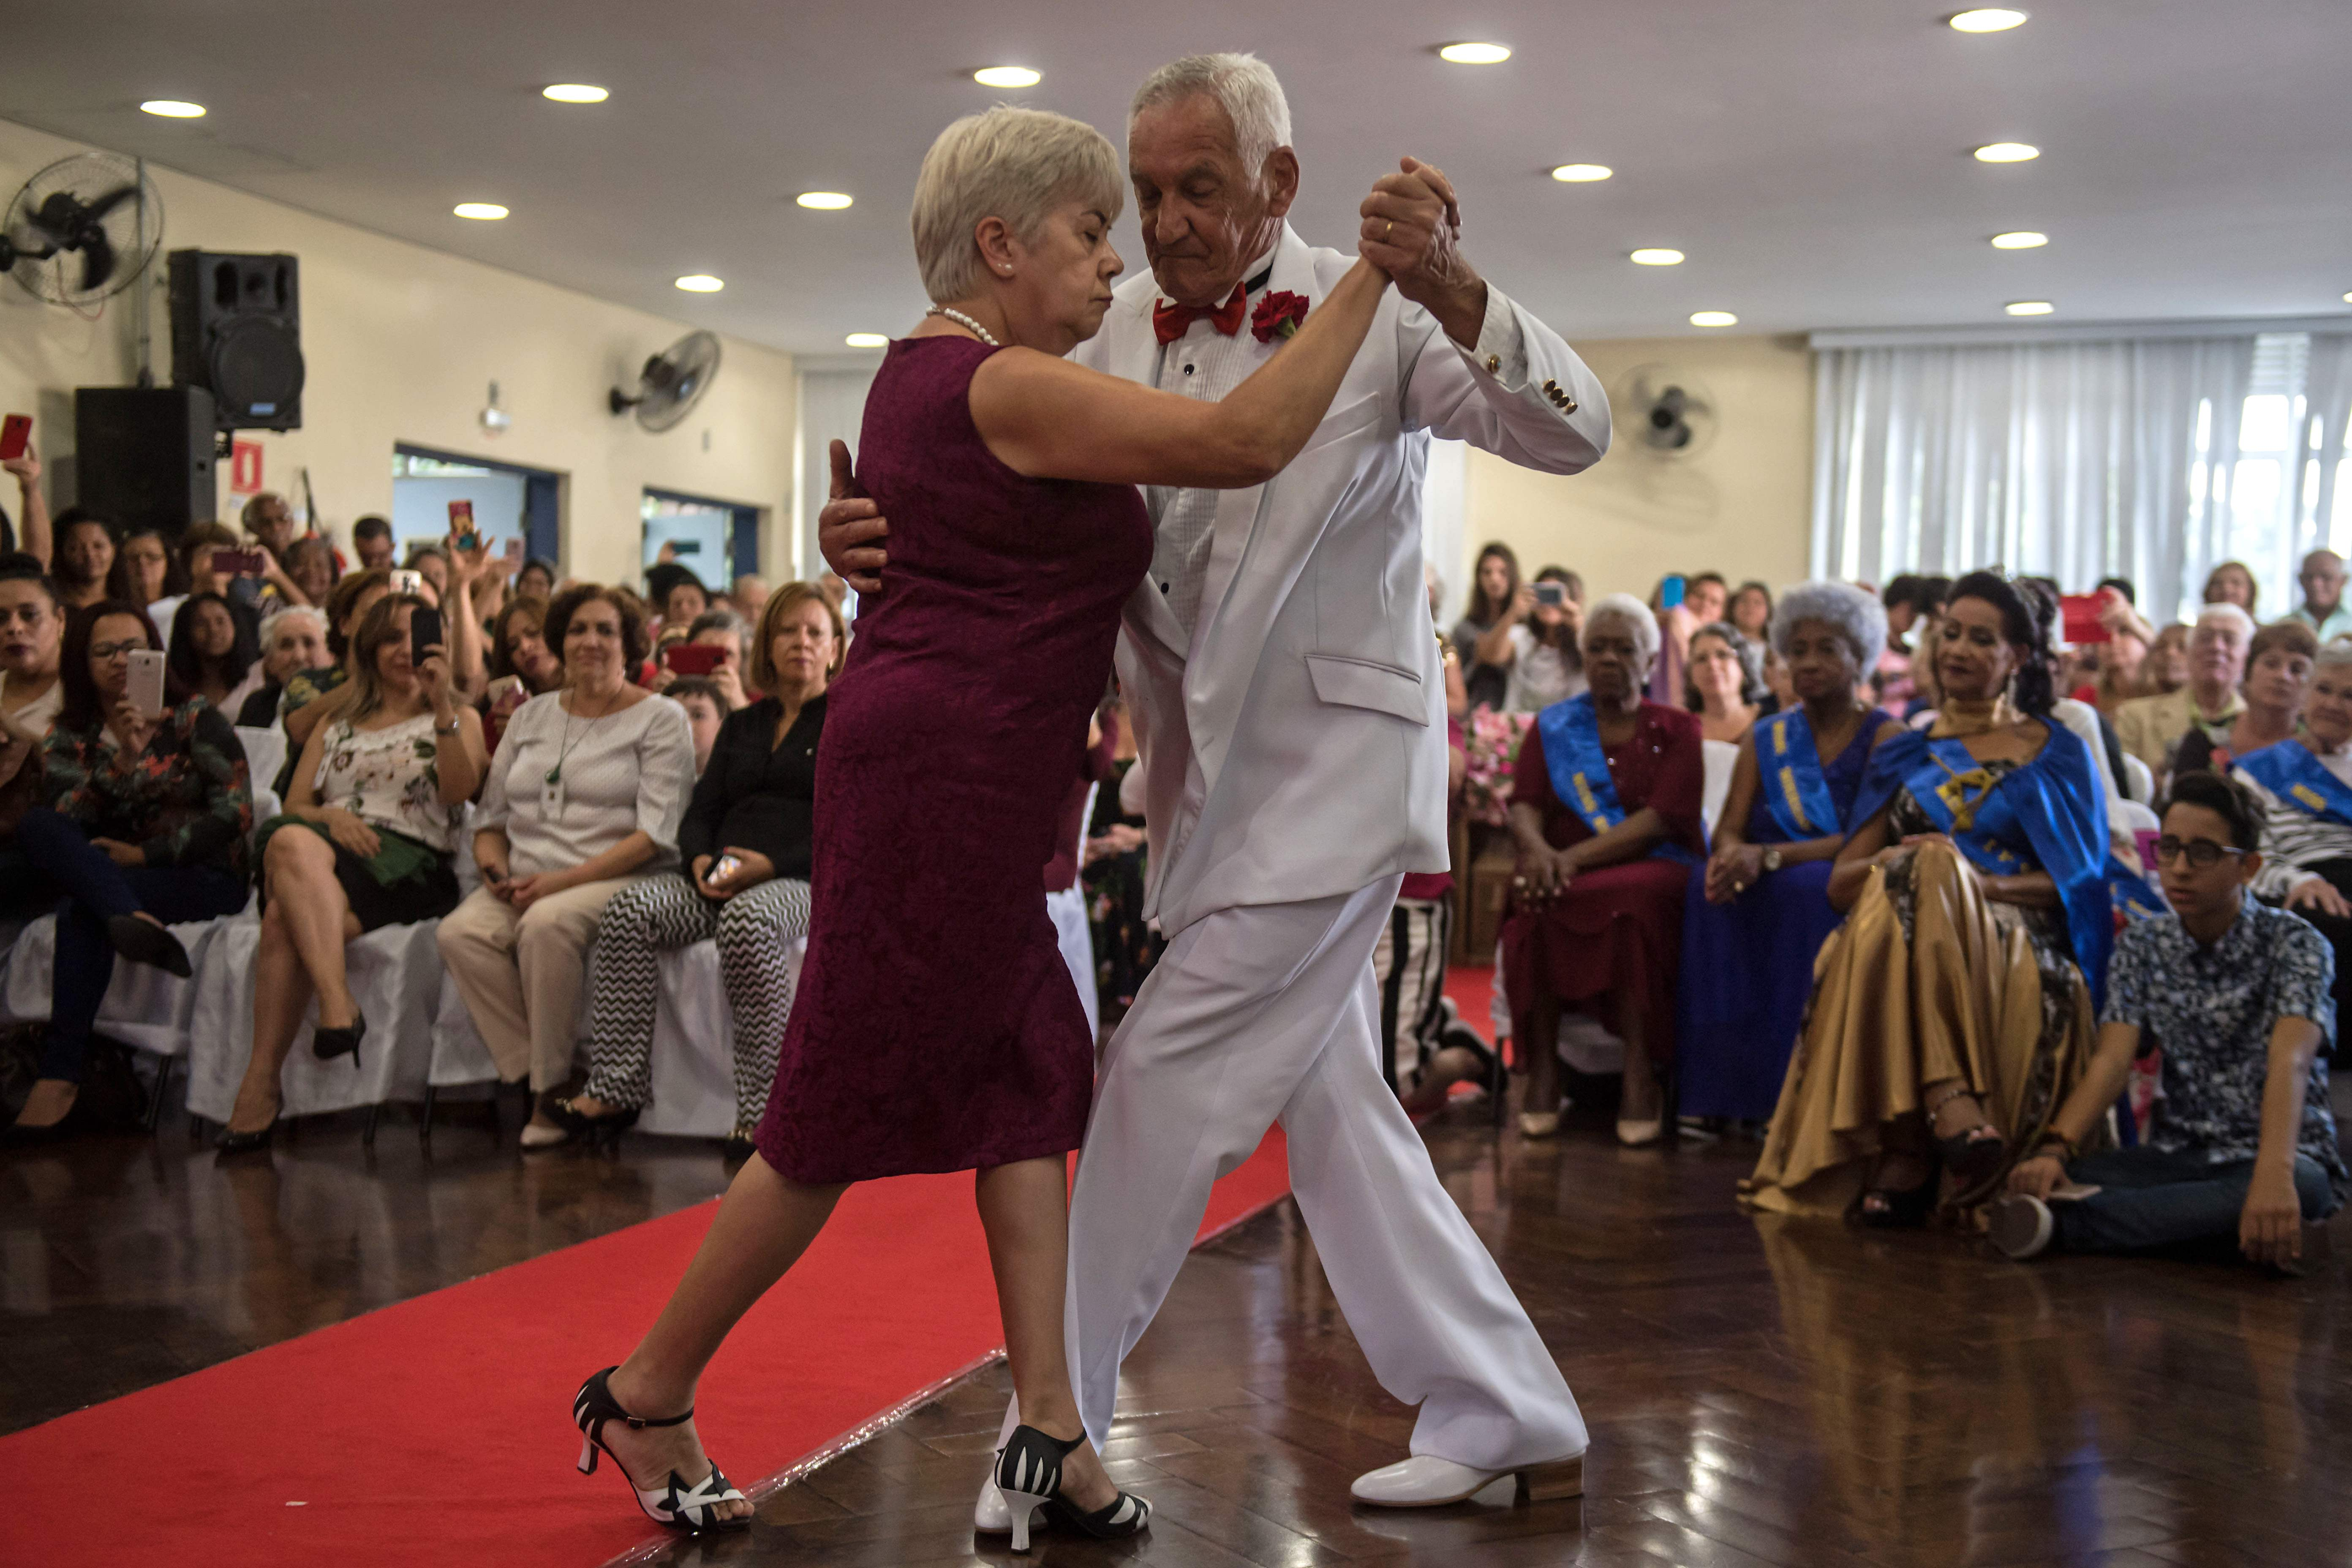 1351538-رجل-وزوجته-يرقصان-خلال-الحفل